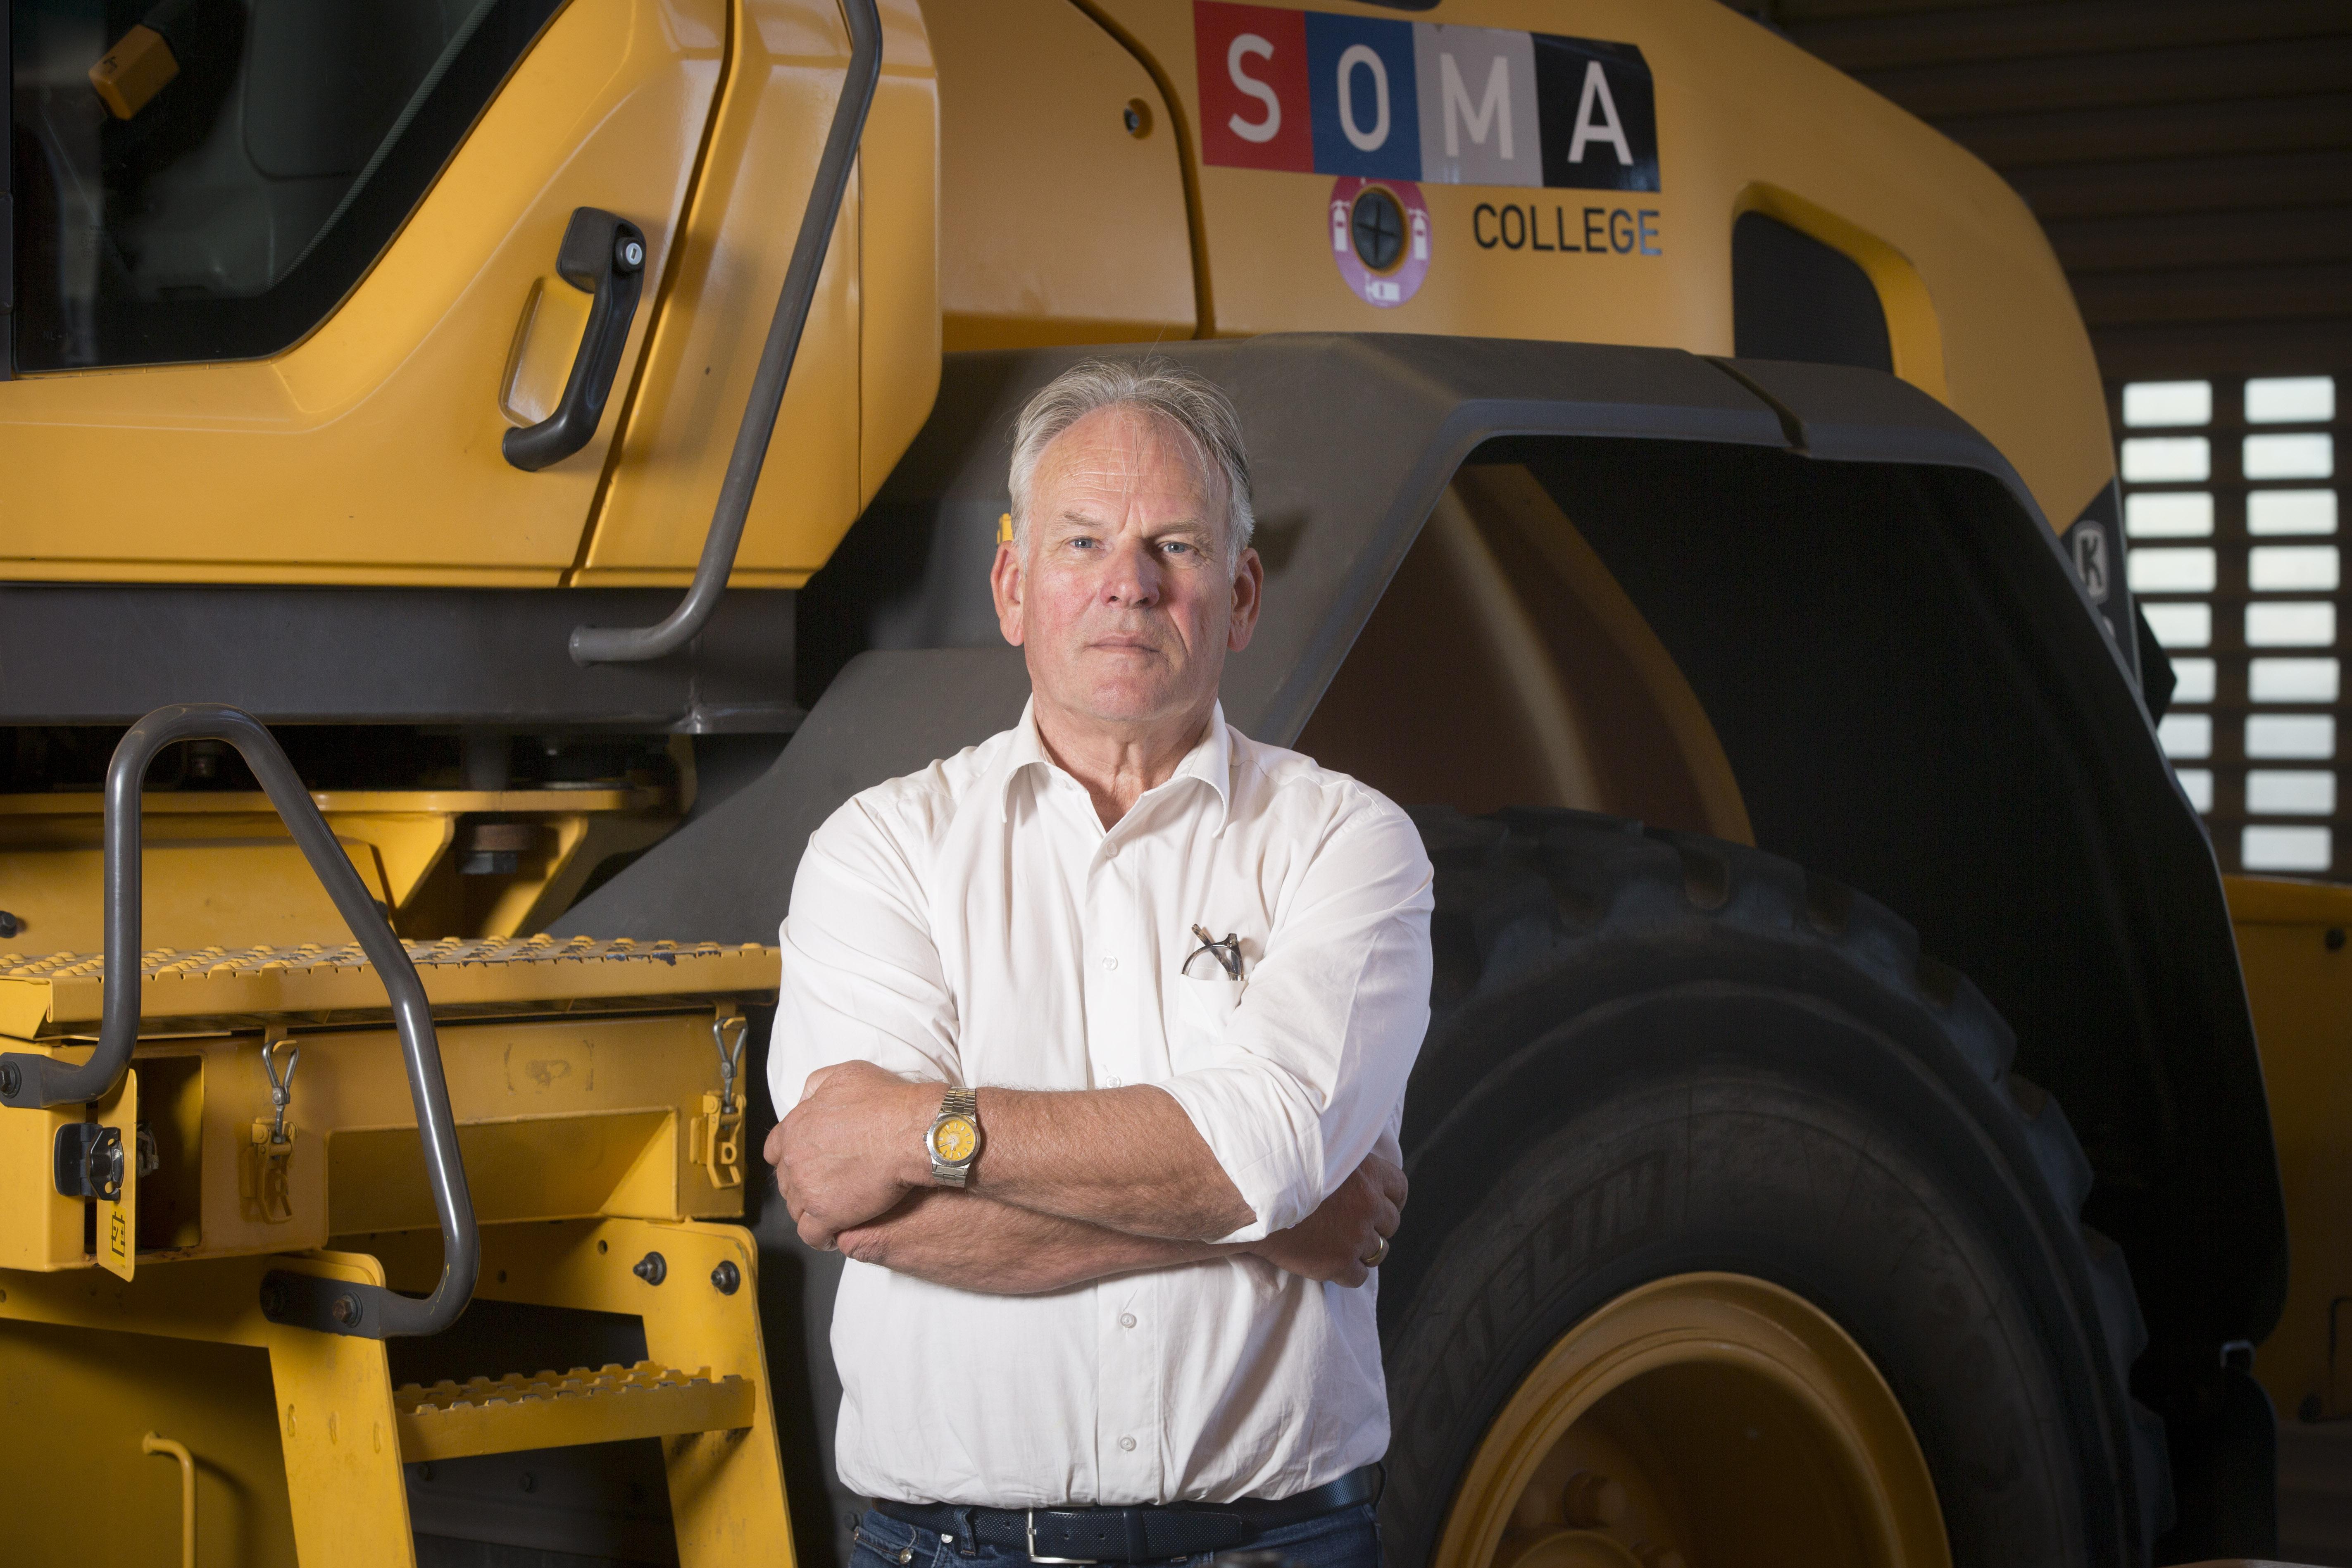 <p>Frank Groen werkt al bijna dertig jaar als docent op het SOMA College. 'De animo voor een opleiding aan deze prachtschool is  onverminderd groot.'</p>